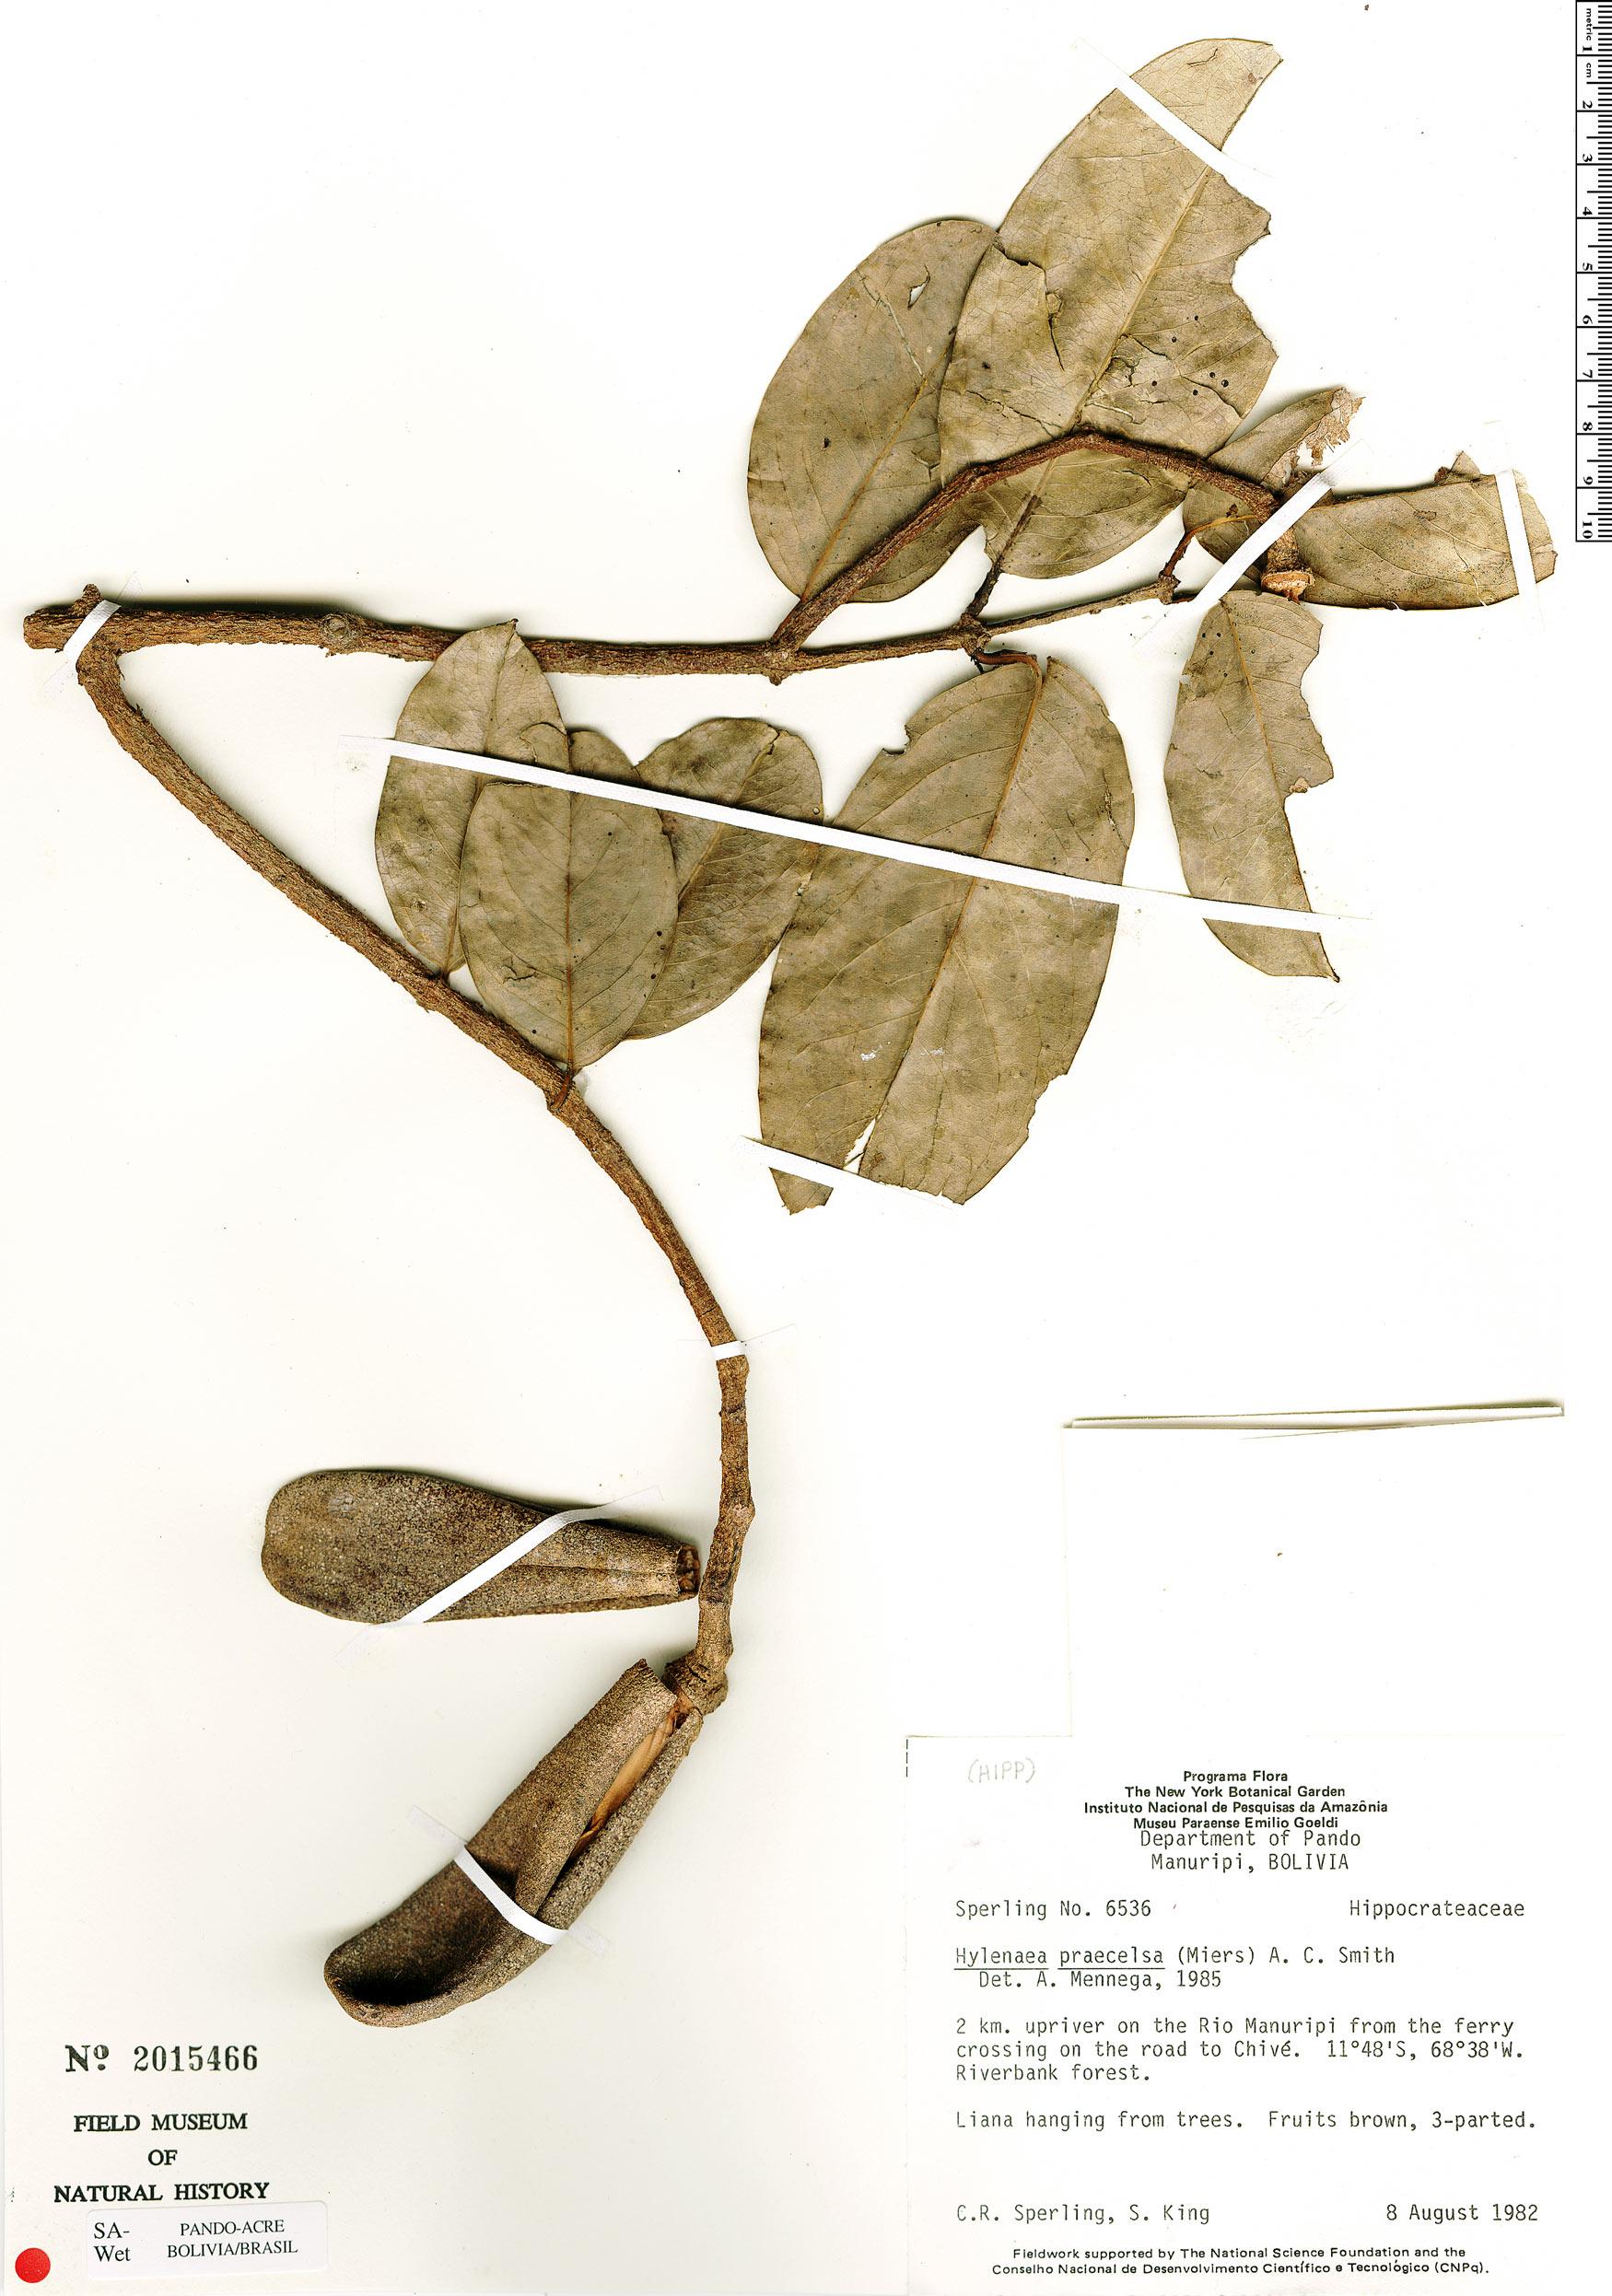 Espécime: Hylenaea praecelsa